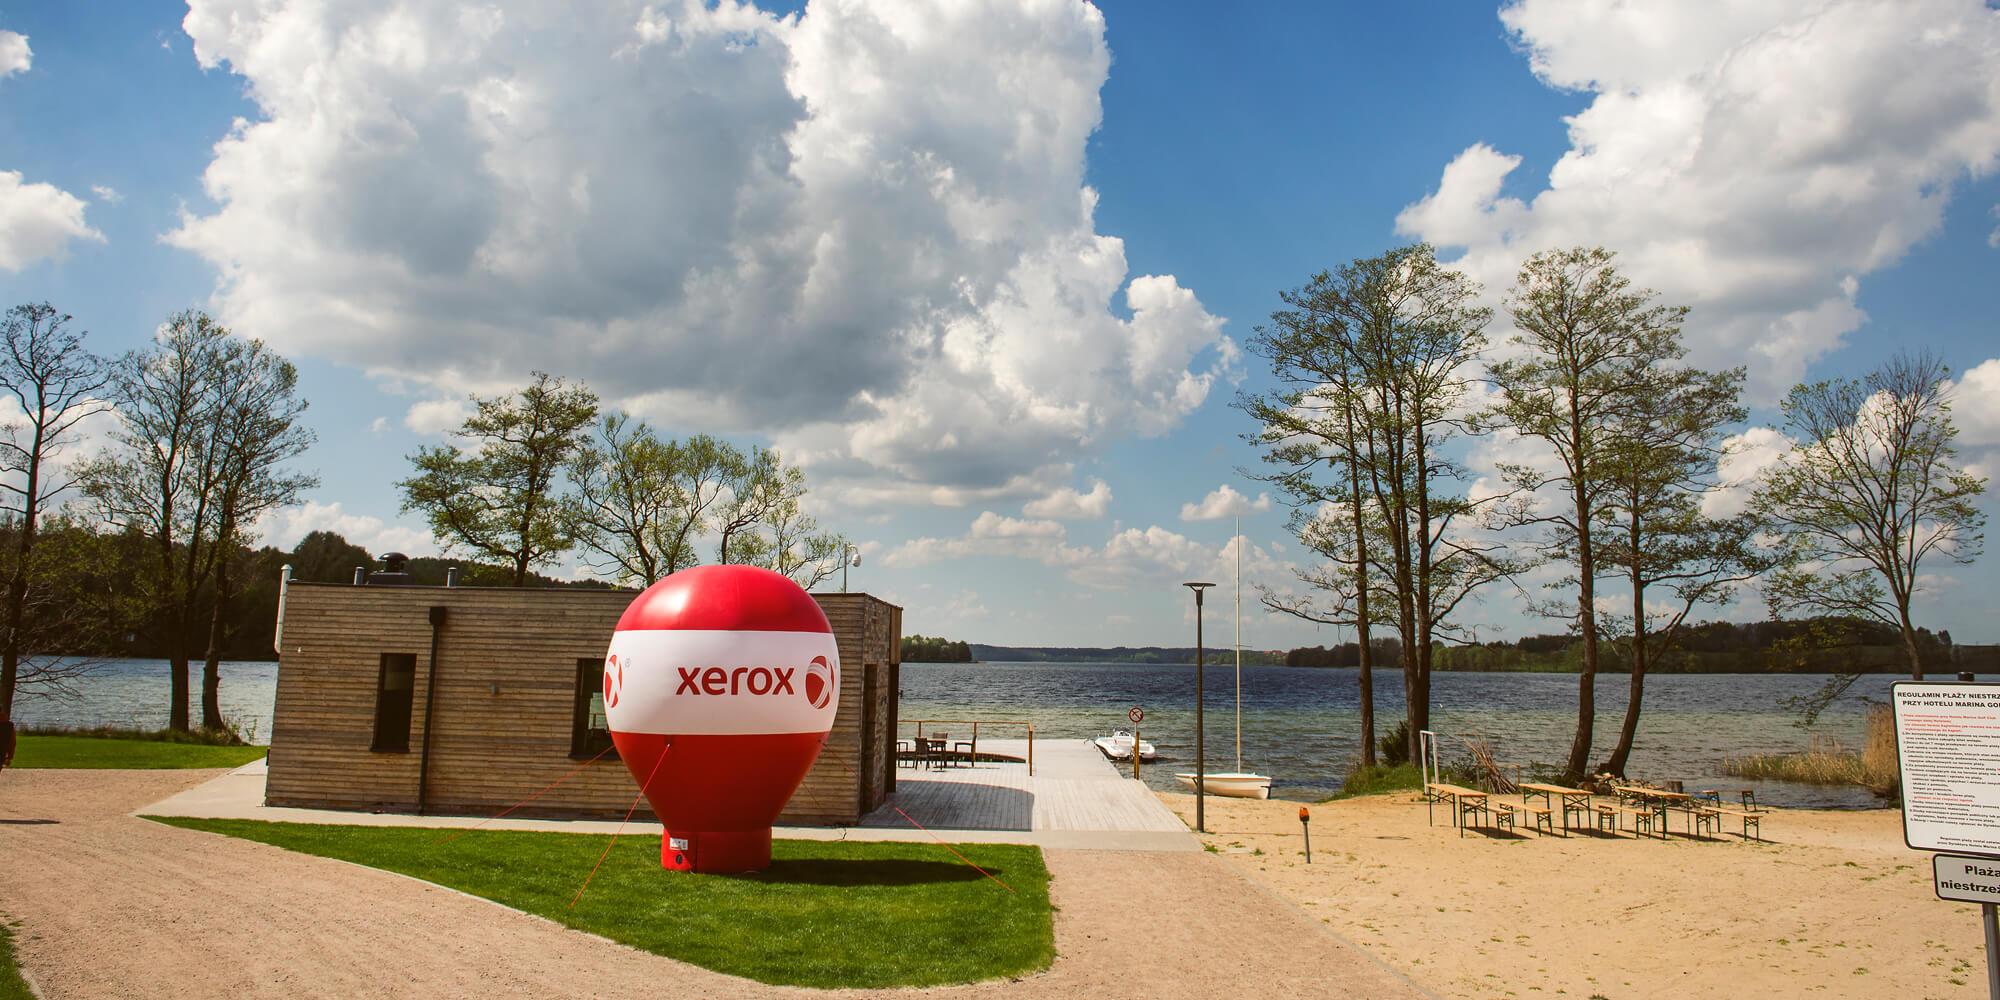 Balo reklamowy z brandingiem Xerox stoi nad jeziorem